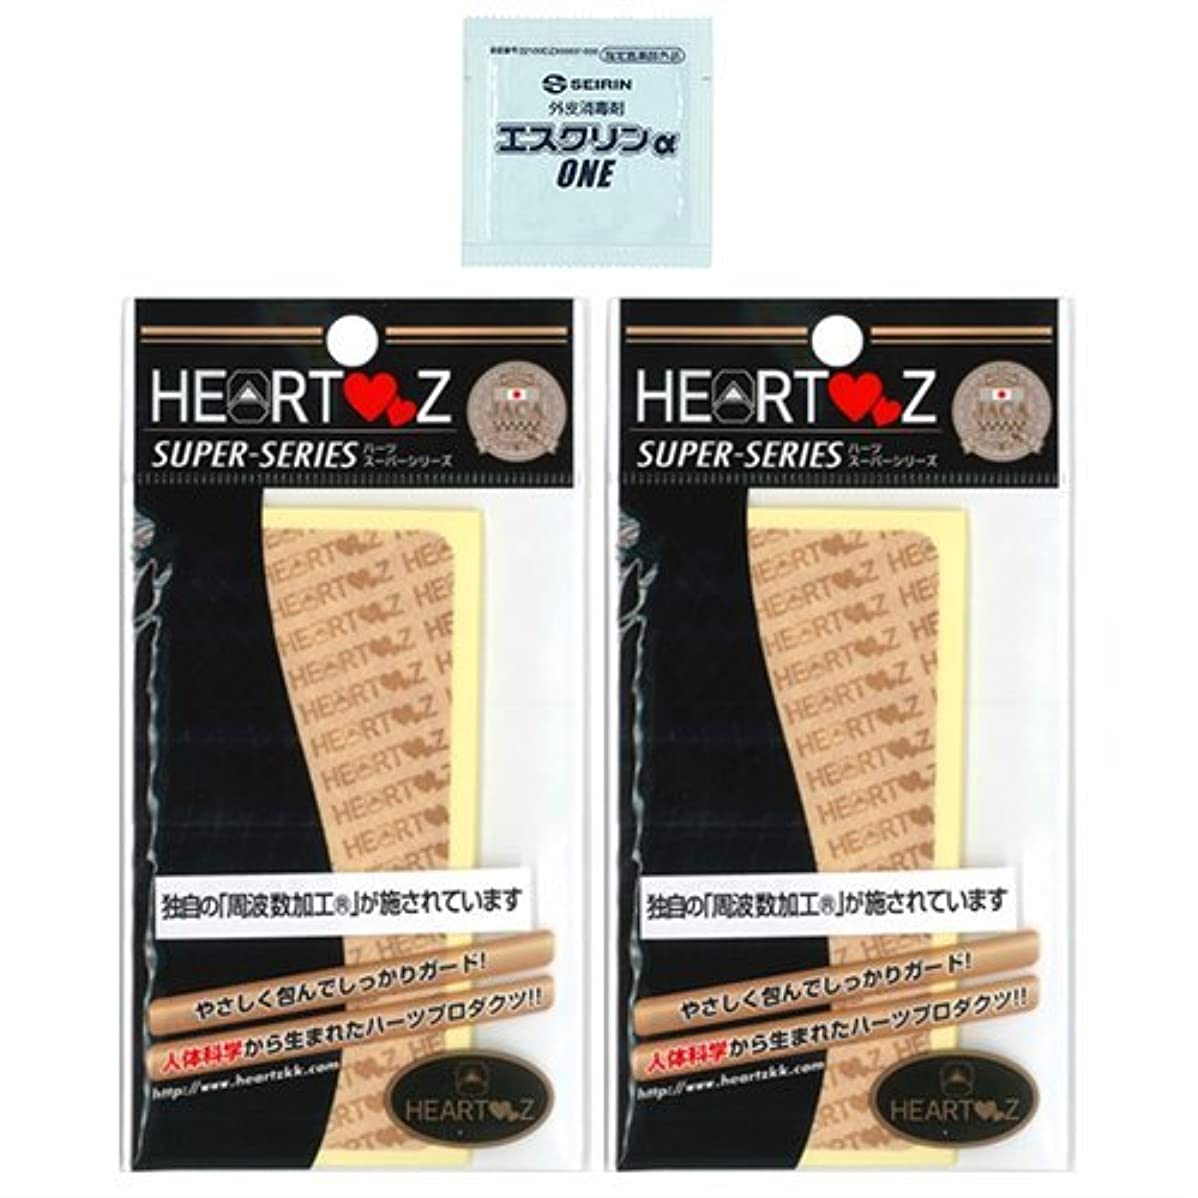 ベッツィトロットウッド郵便屋さん排気【HEARTZ(ハーツ)】ハーツスーパーシール ベタ貼りタイプ 8枚入×2個セット (計16枚) + エスクリンαONEx1個 セット